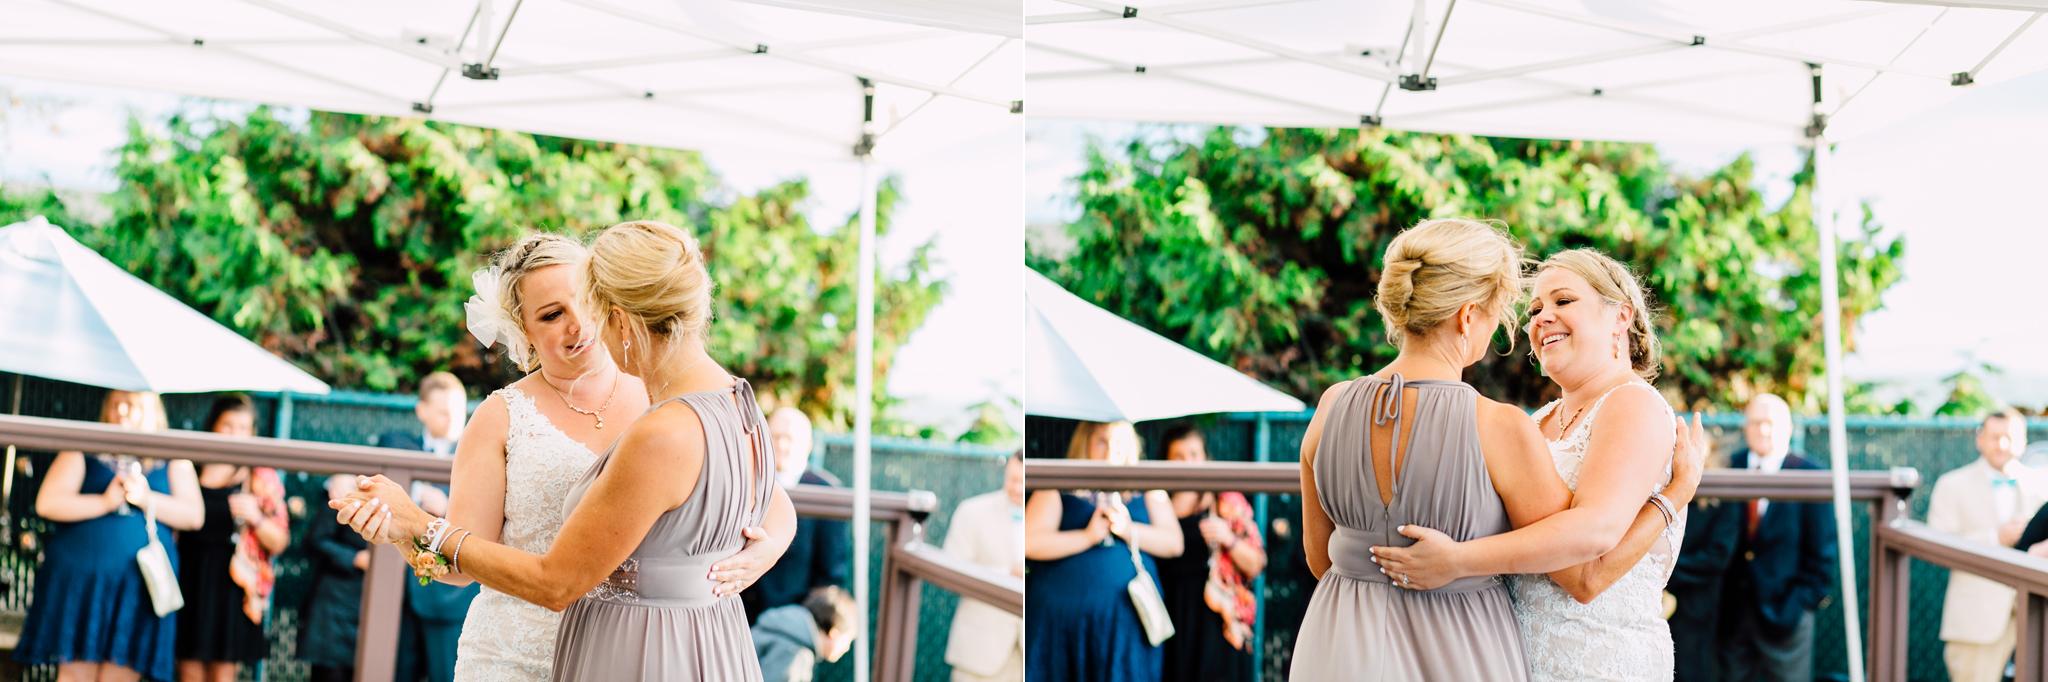 090-bellingham-wedding-photographer-beach-katheryn-moran-elisa-phillip.jpg